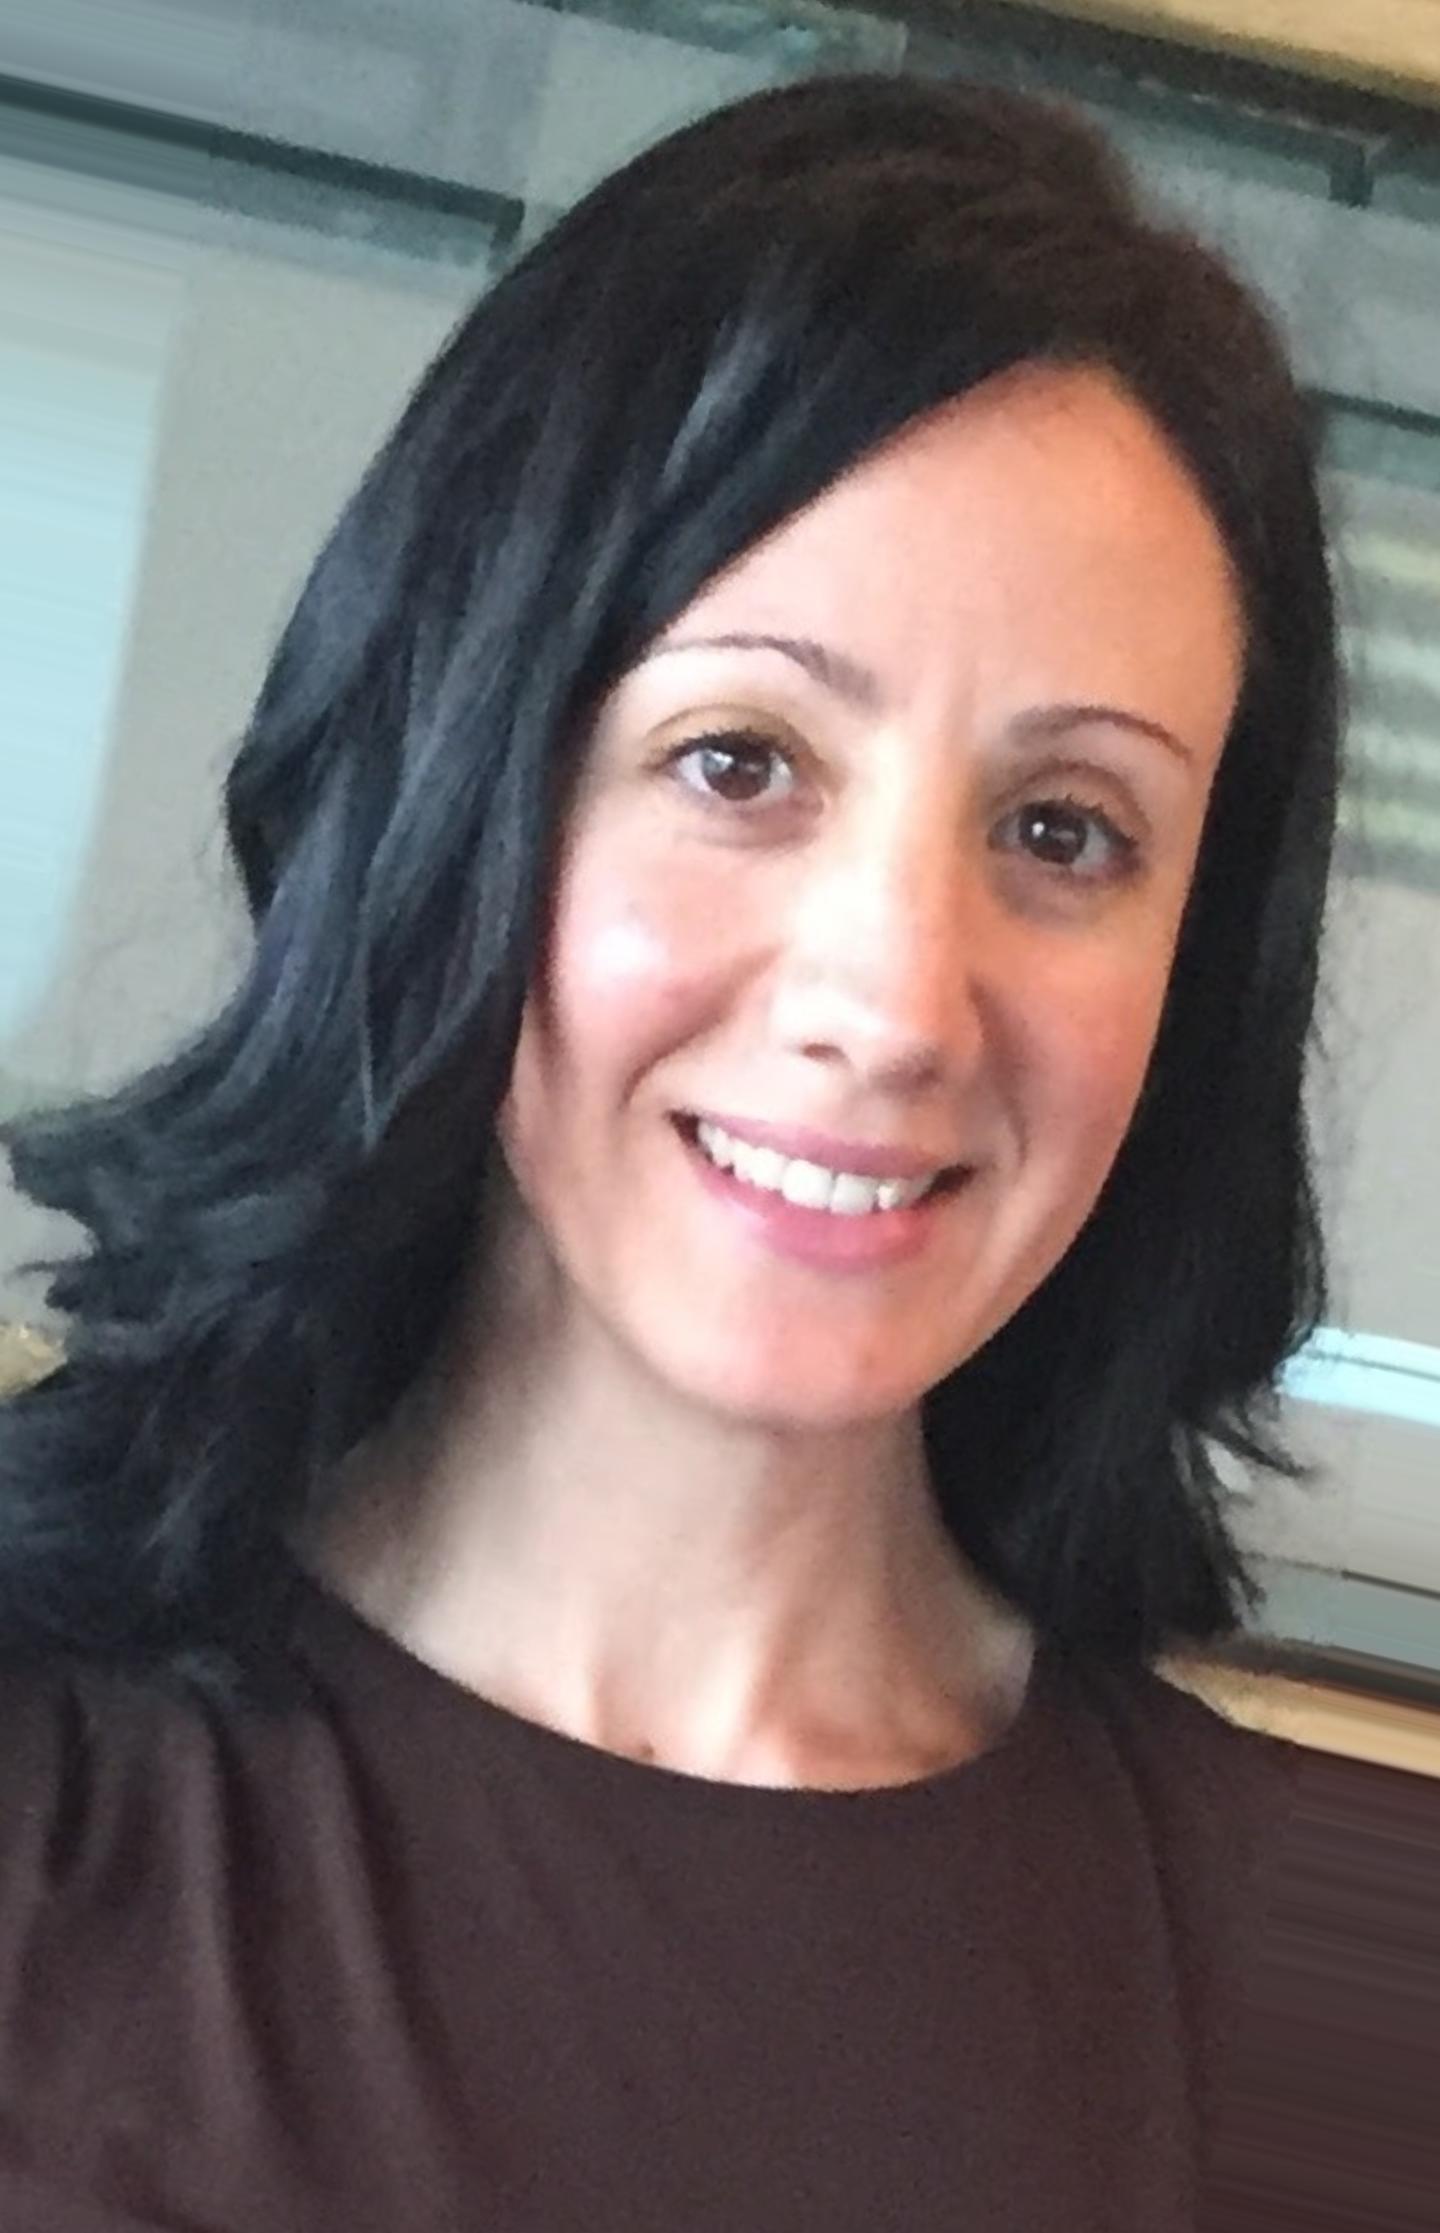 Linda Pecchia